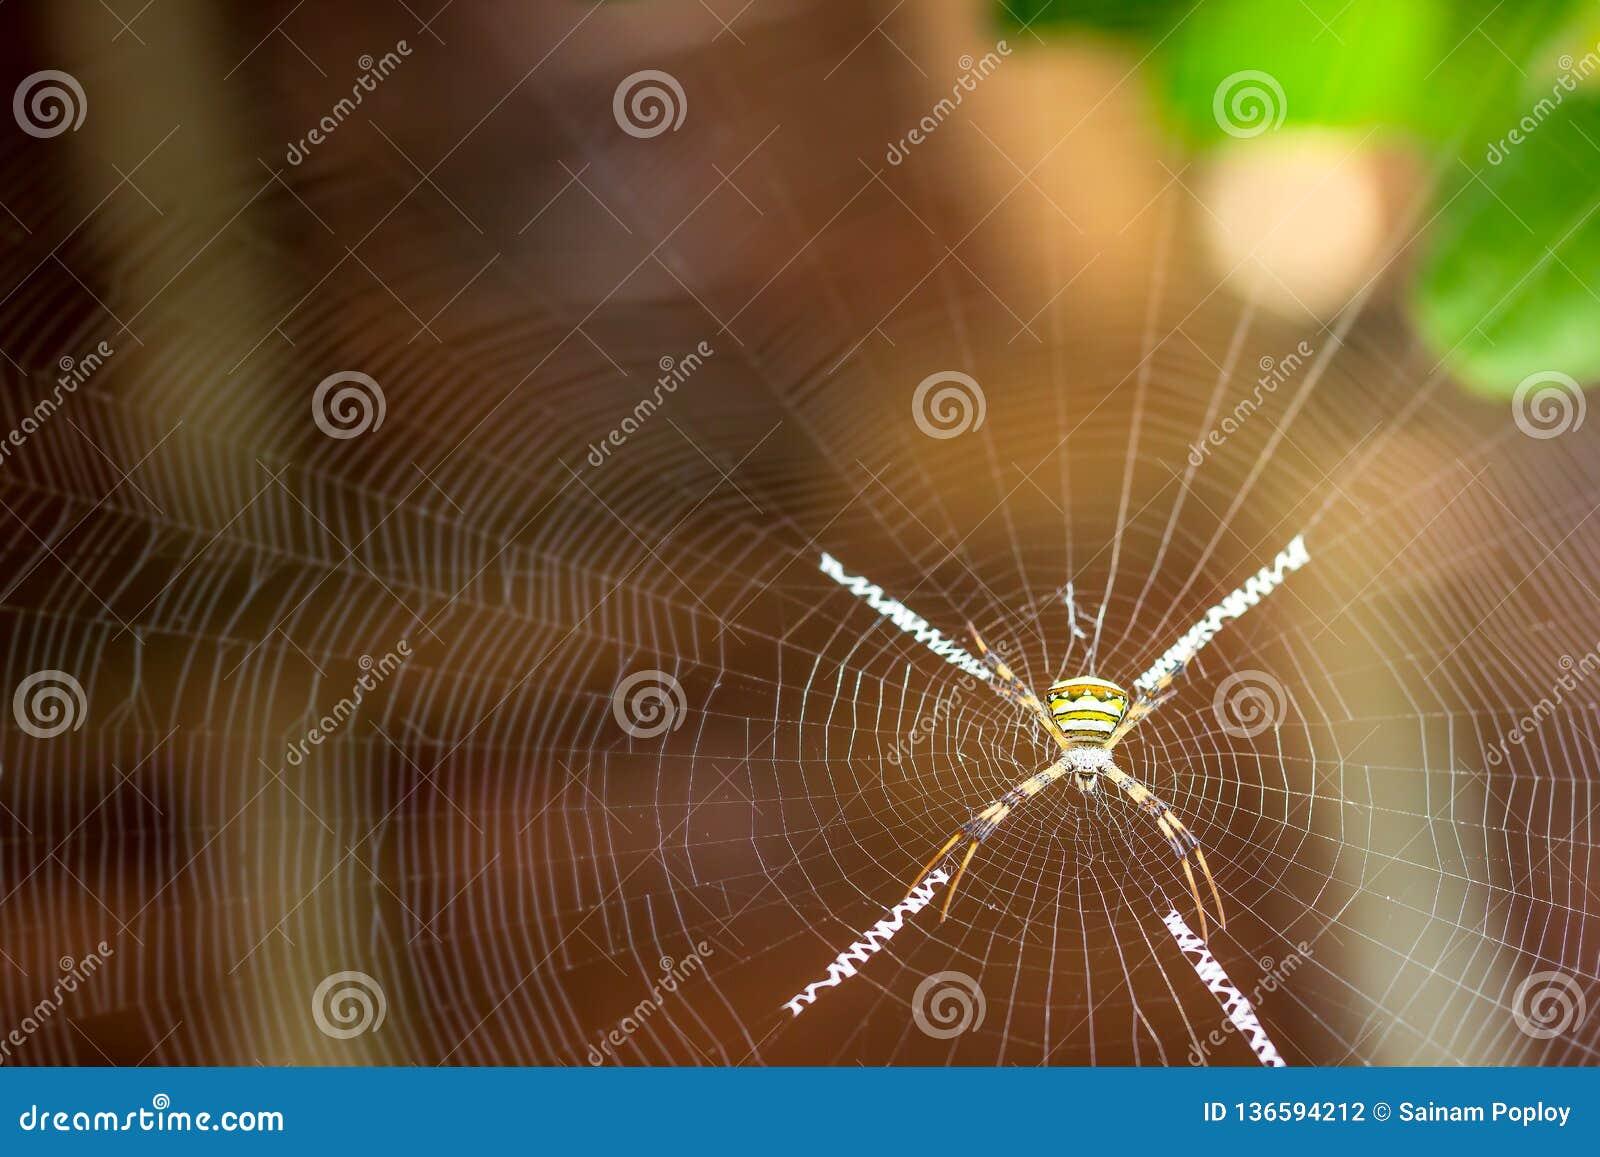 Паук креста Сент-Эндрюса на сети паука